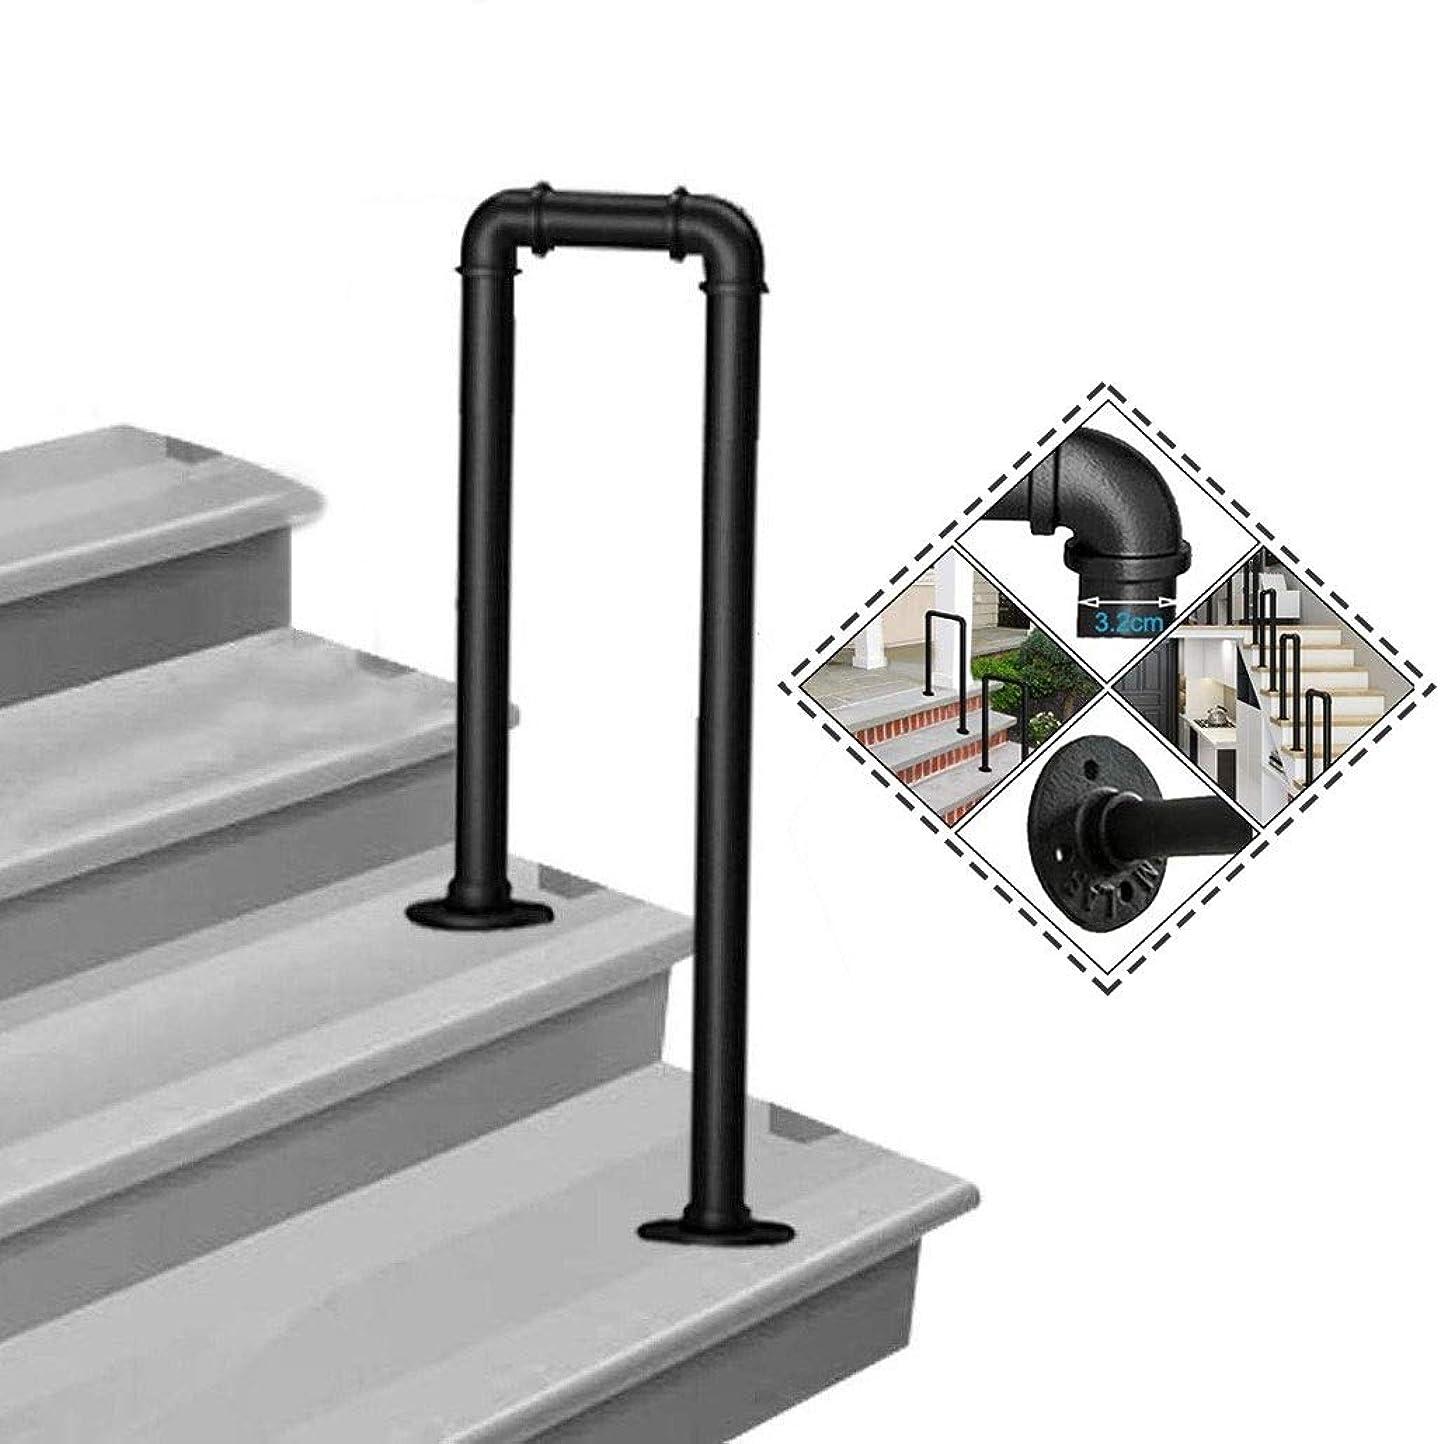 無一文アデレード考えた2段手すり、鉄パイプ黒階段手すり、屋内および屋外の安全滑り止めサポートバー、ヴィラガーデン廊下階段手すり用 (Size : 95cm/3.1ft)